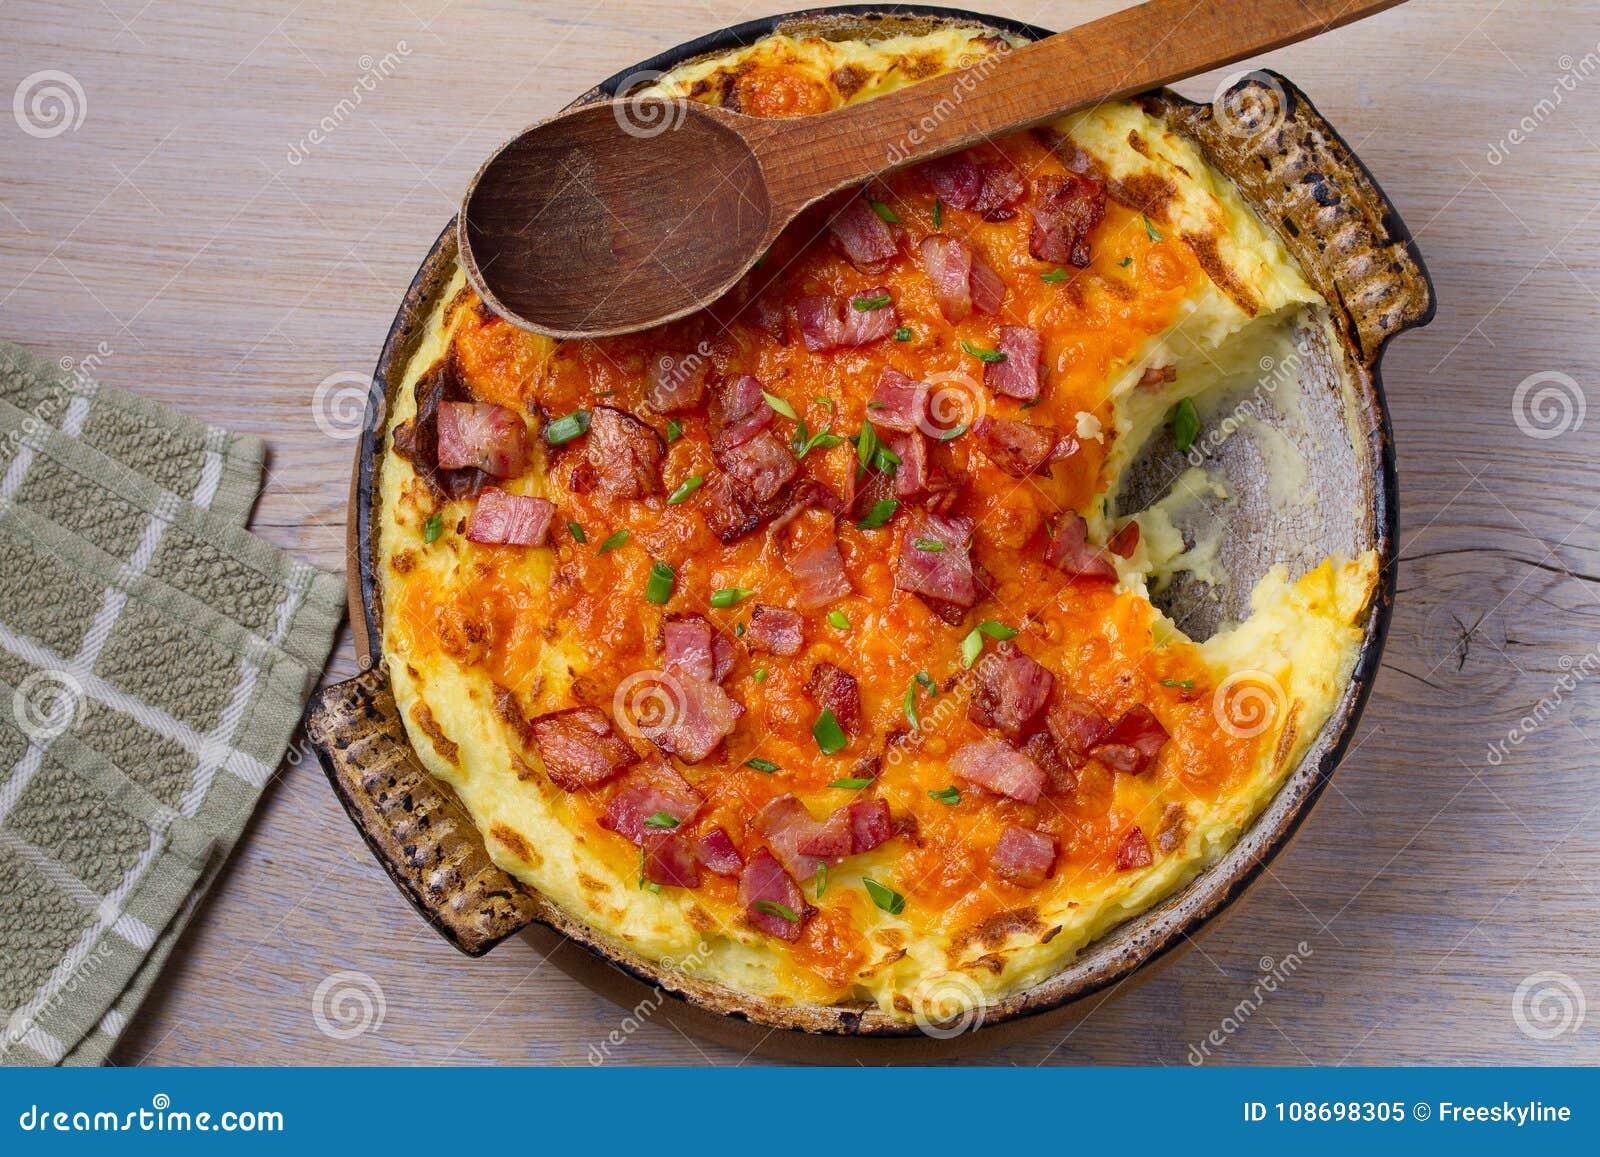 Сотейник картофельного пюре чеддера с беконом Испеченный сотейник картошки чеддера